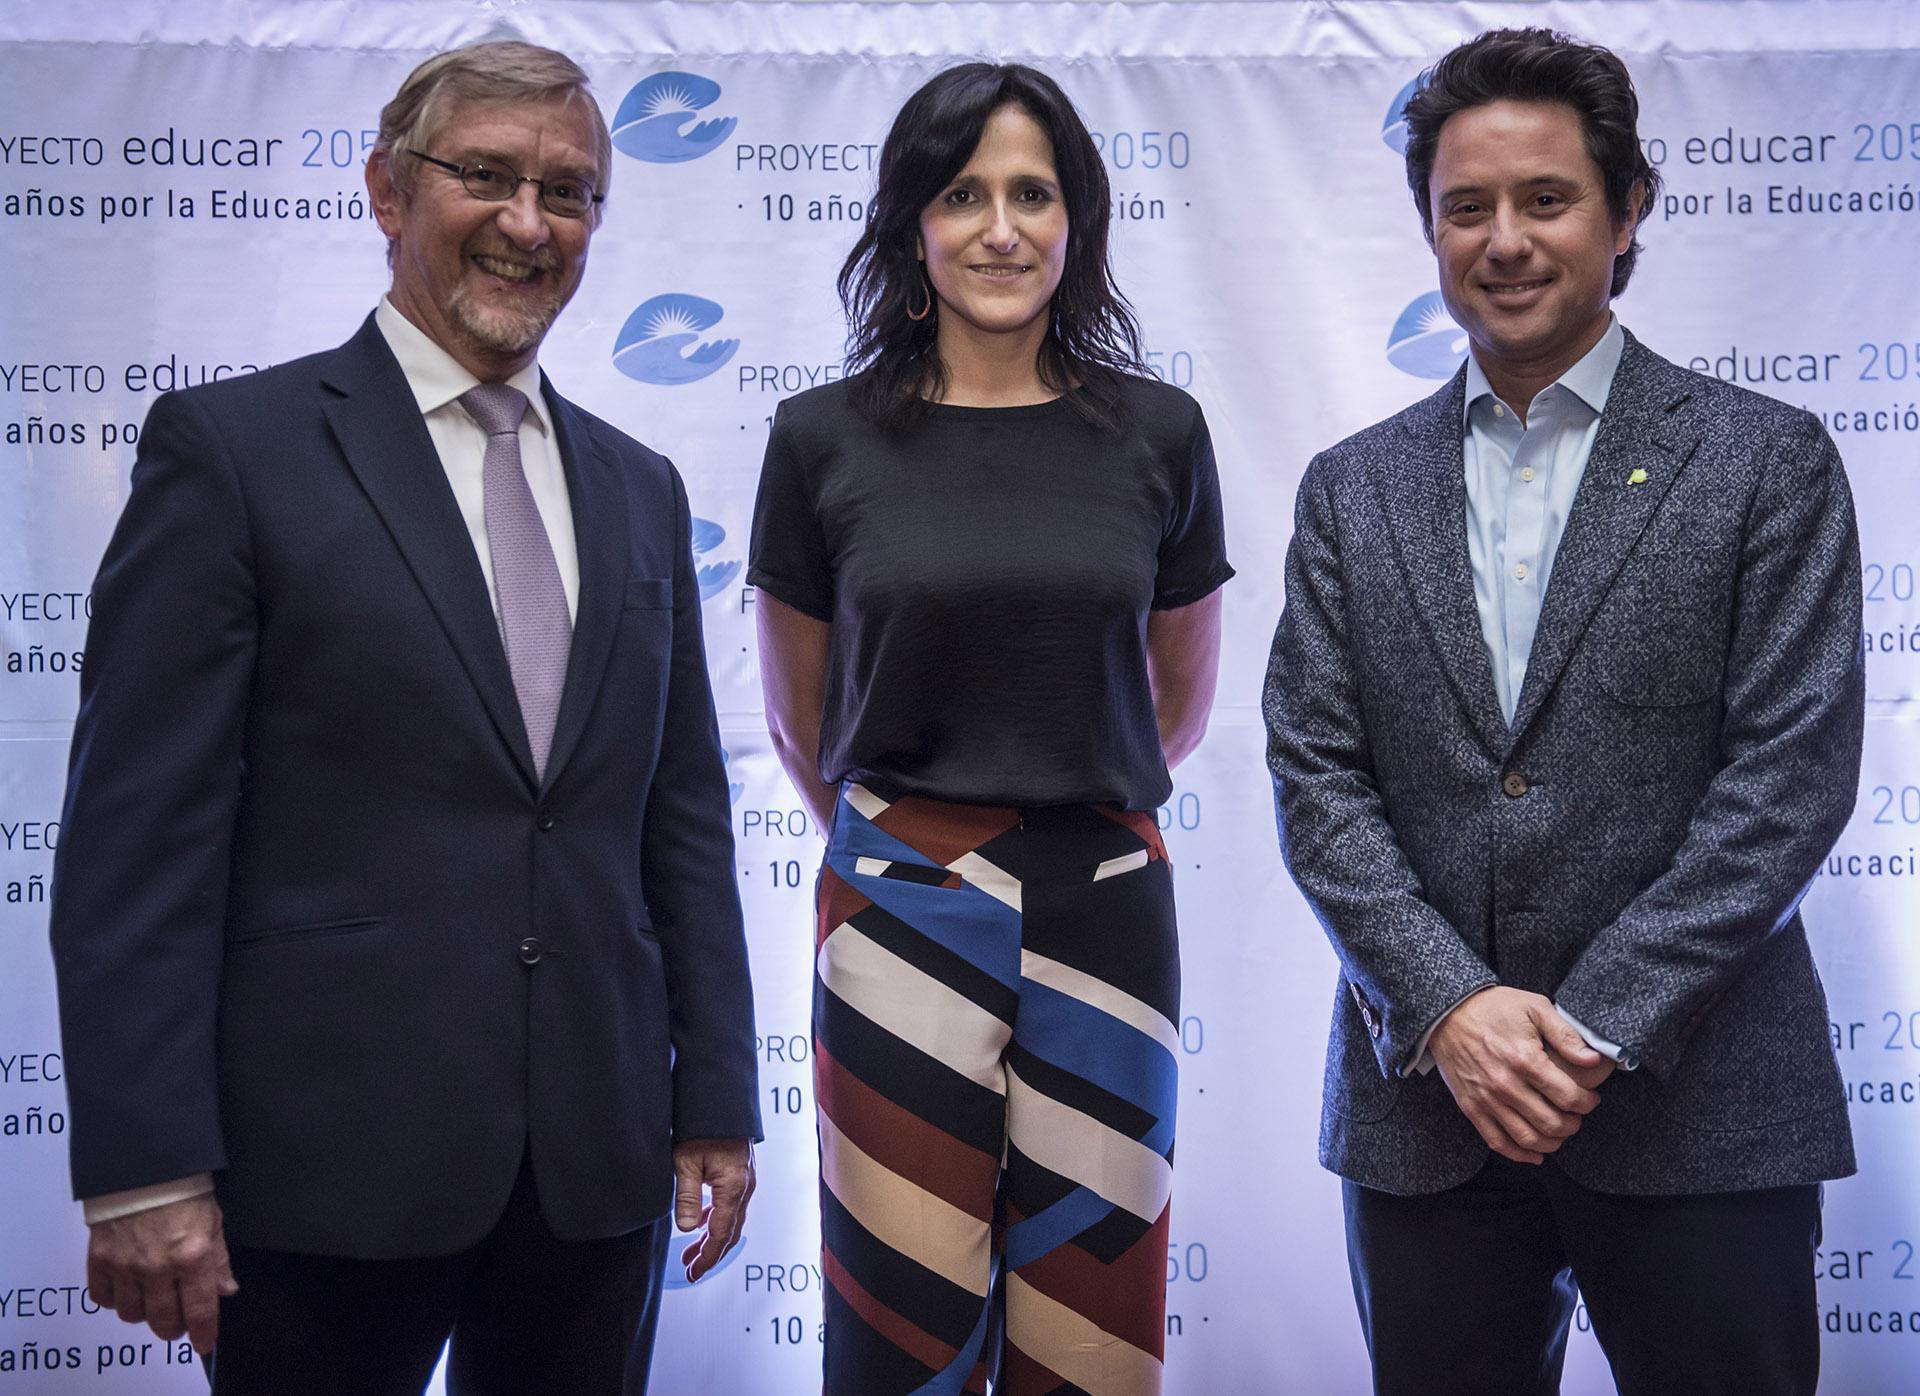 Manuel Álvarez Trongé y María Cortelezzi junto a Gabriel Sánchez Zinny, Director General de Cultura y Educación de la provincia de Buenos Aires